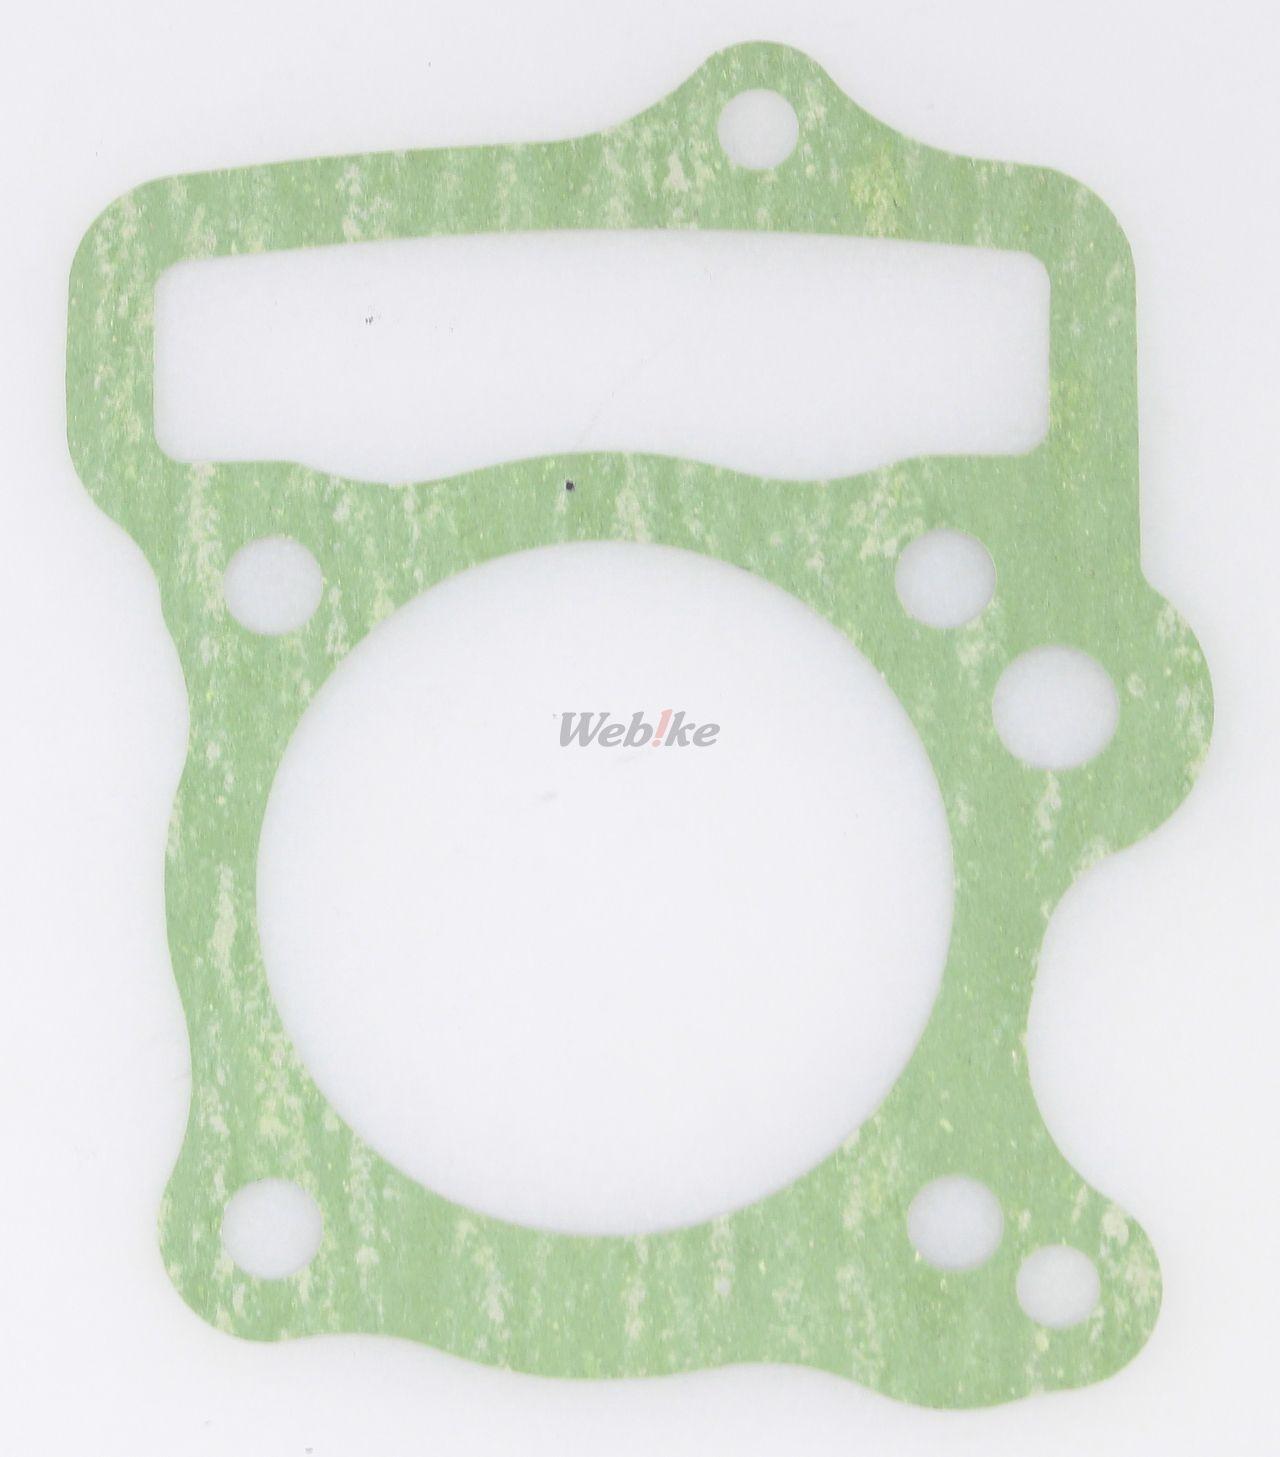 【KITACO】墊片組-A 88cc用 - 「Webike-摩托百貨」